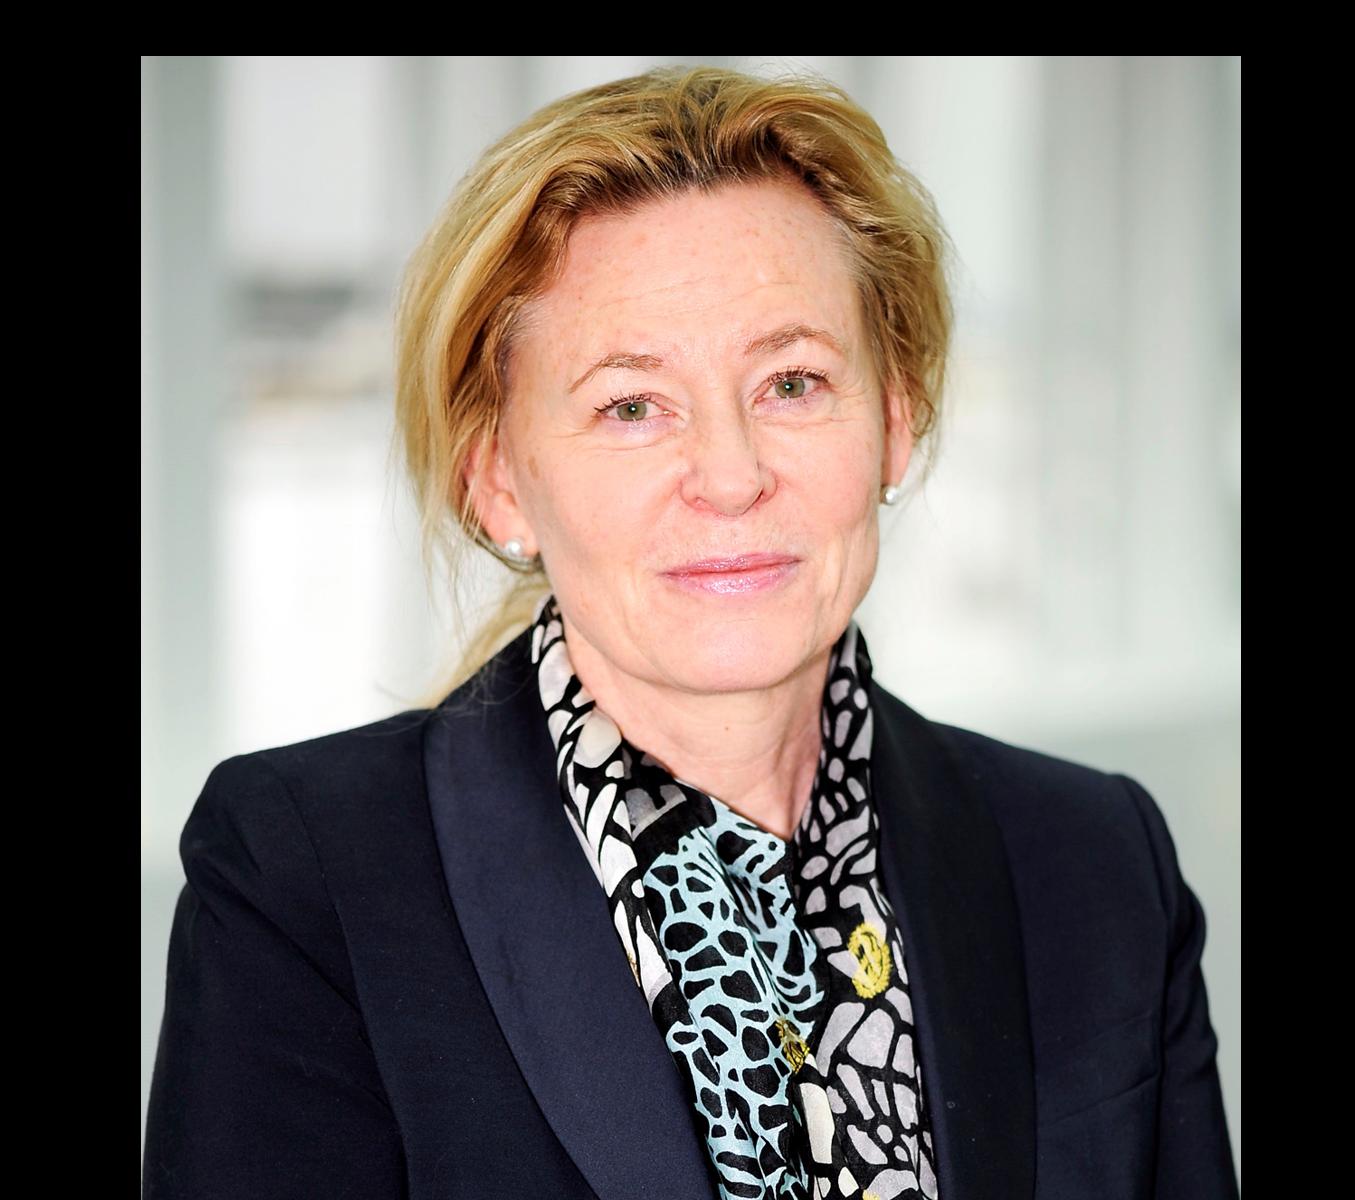 Eva Lindqvist headshot